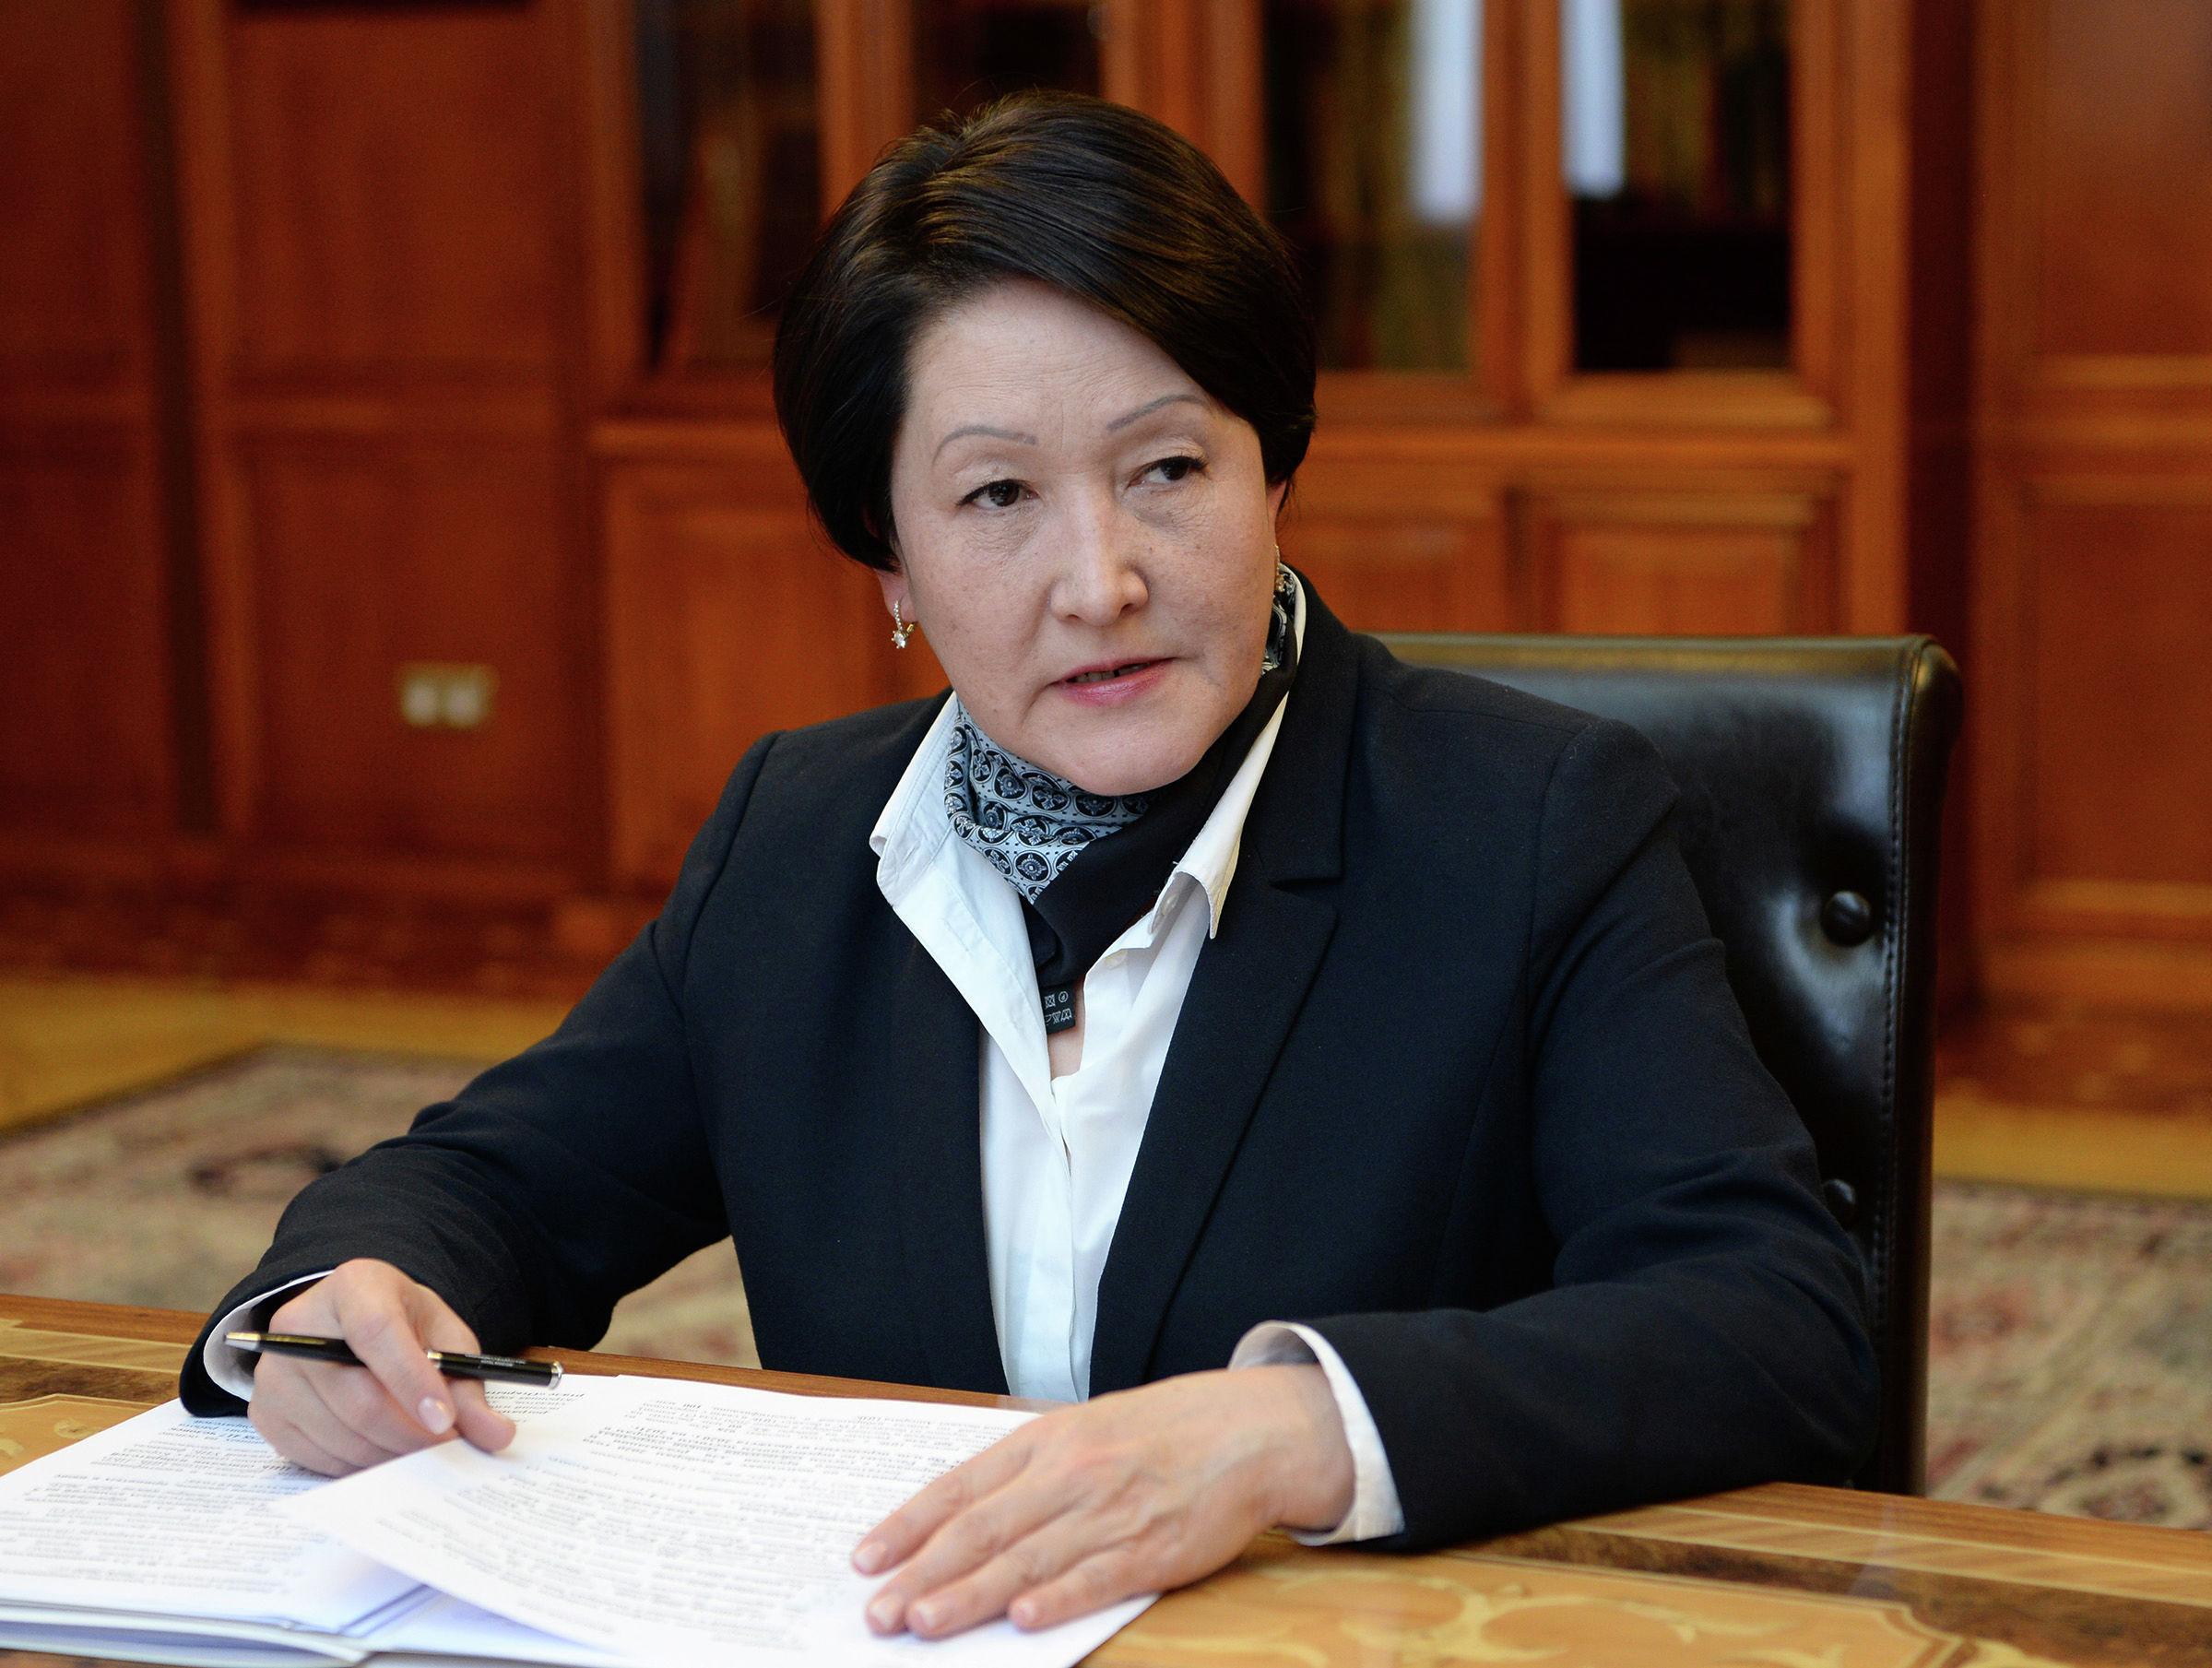 Председатель Центральной комиссии по выборам и проведению референдумов КР Нуржан Шайлдабекова